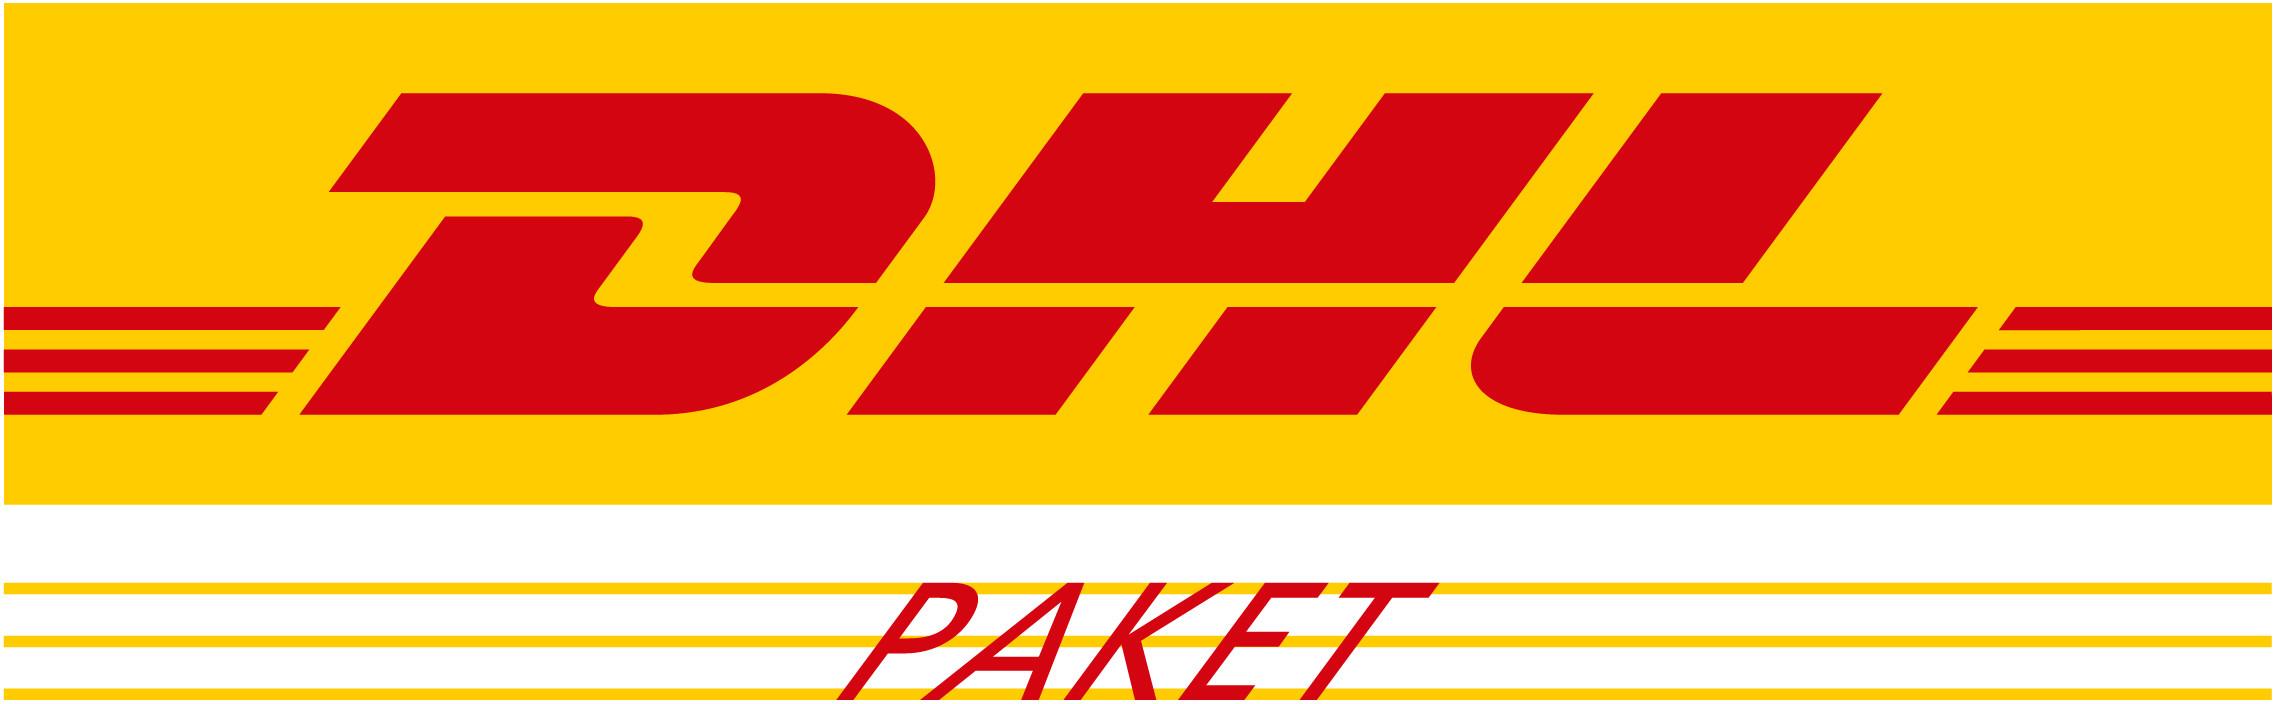 DHL-Paket-logo